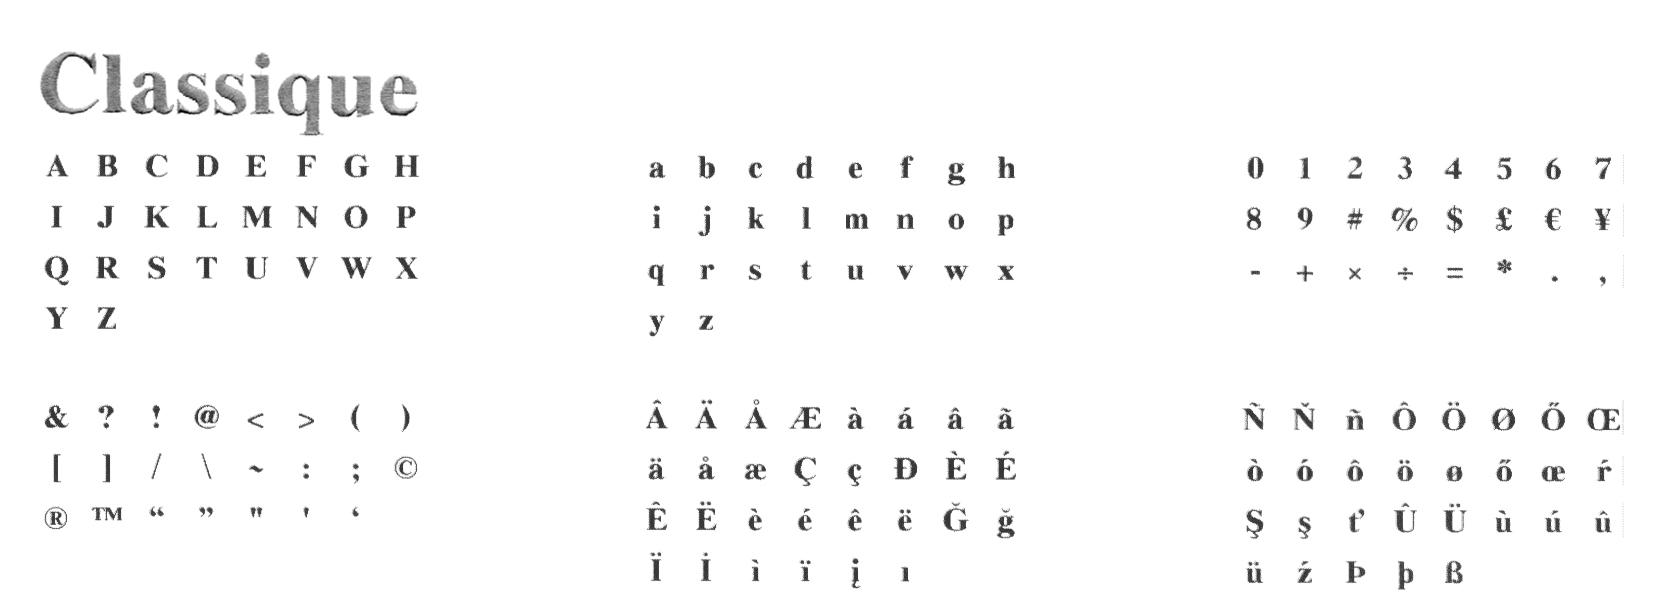 Typographie machine classique